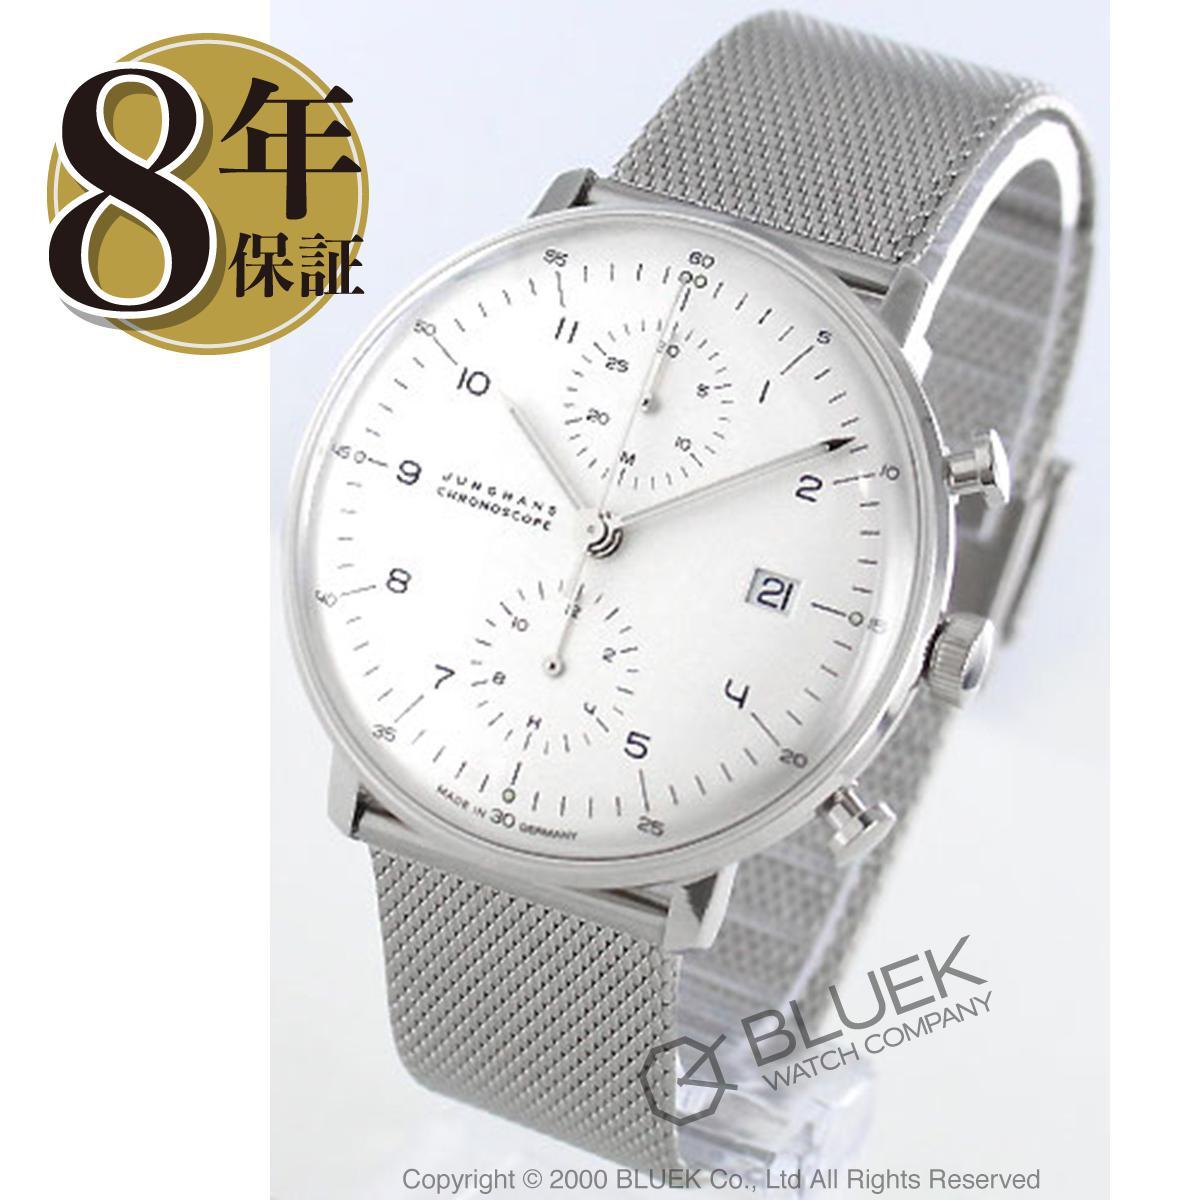 ユンハンス JUNGHANS 腕時計 マックスビル クロノスコープ メンズ 027/4003.44_8